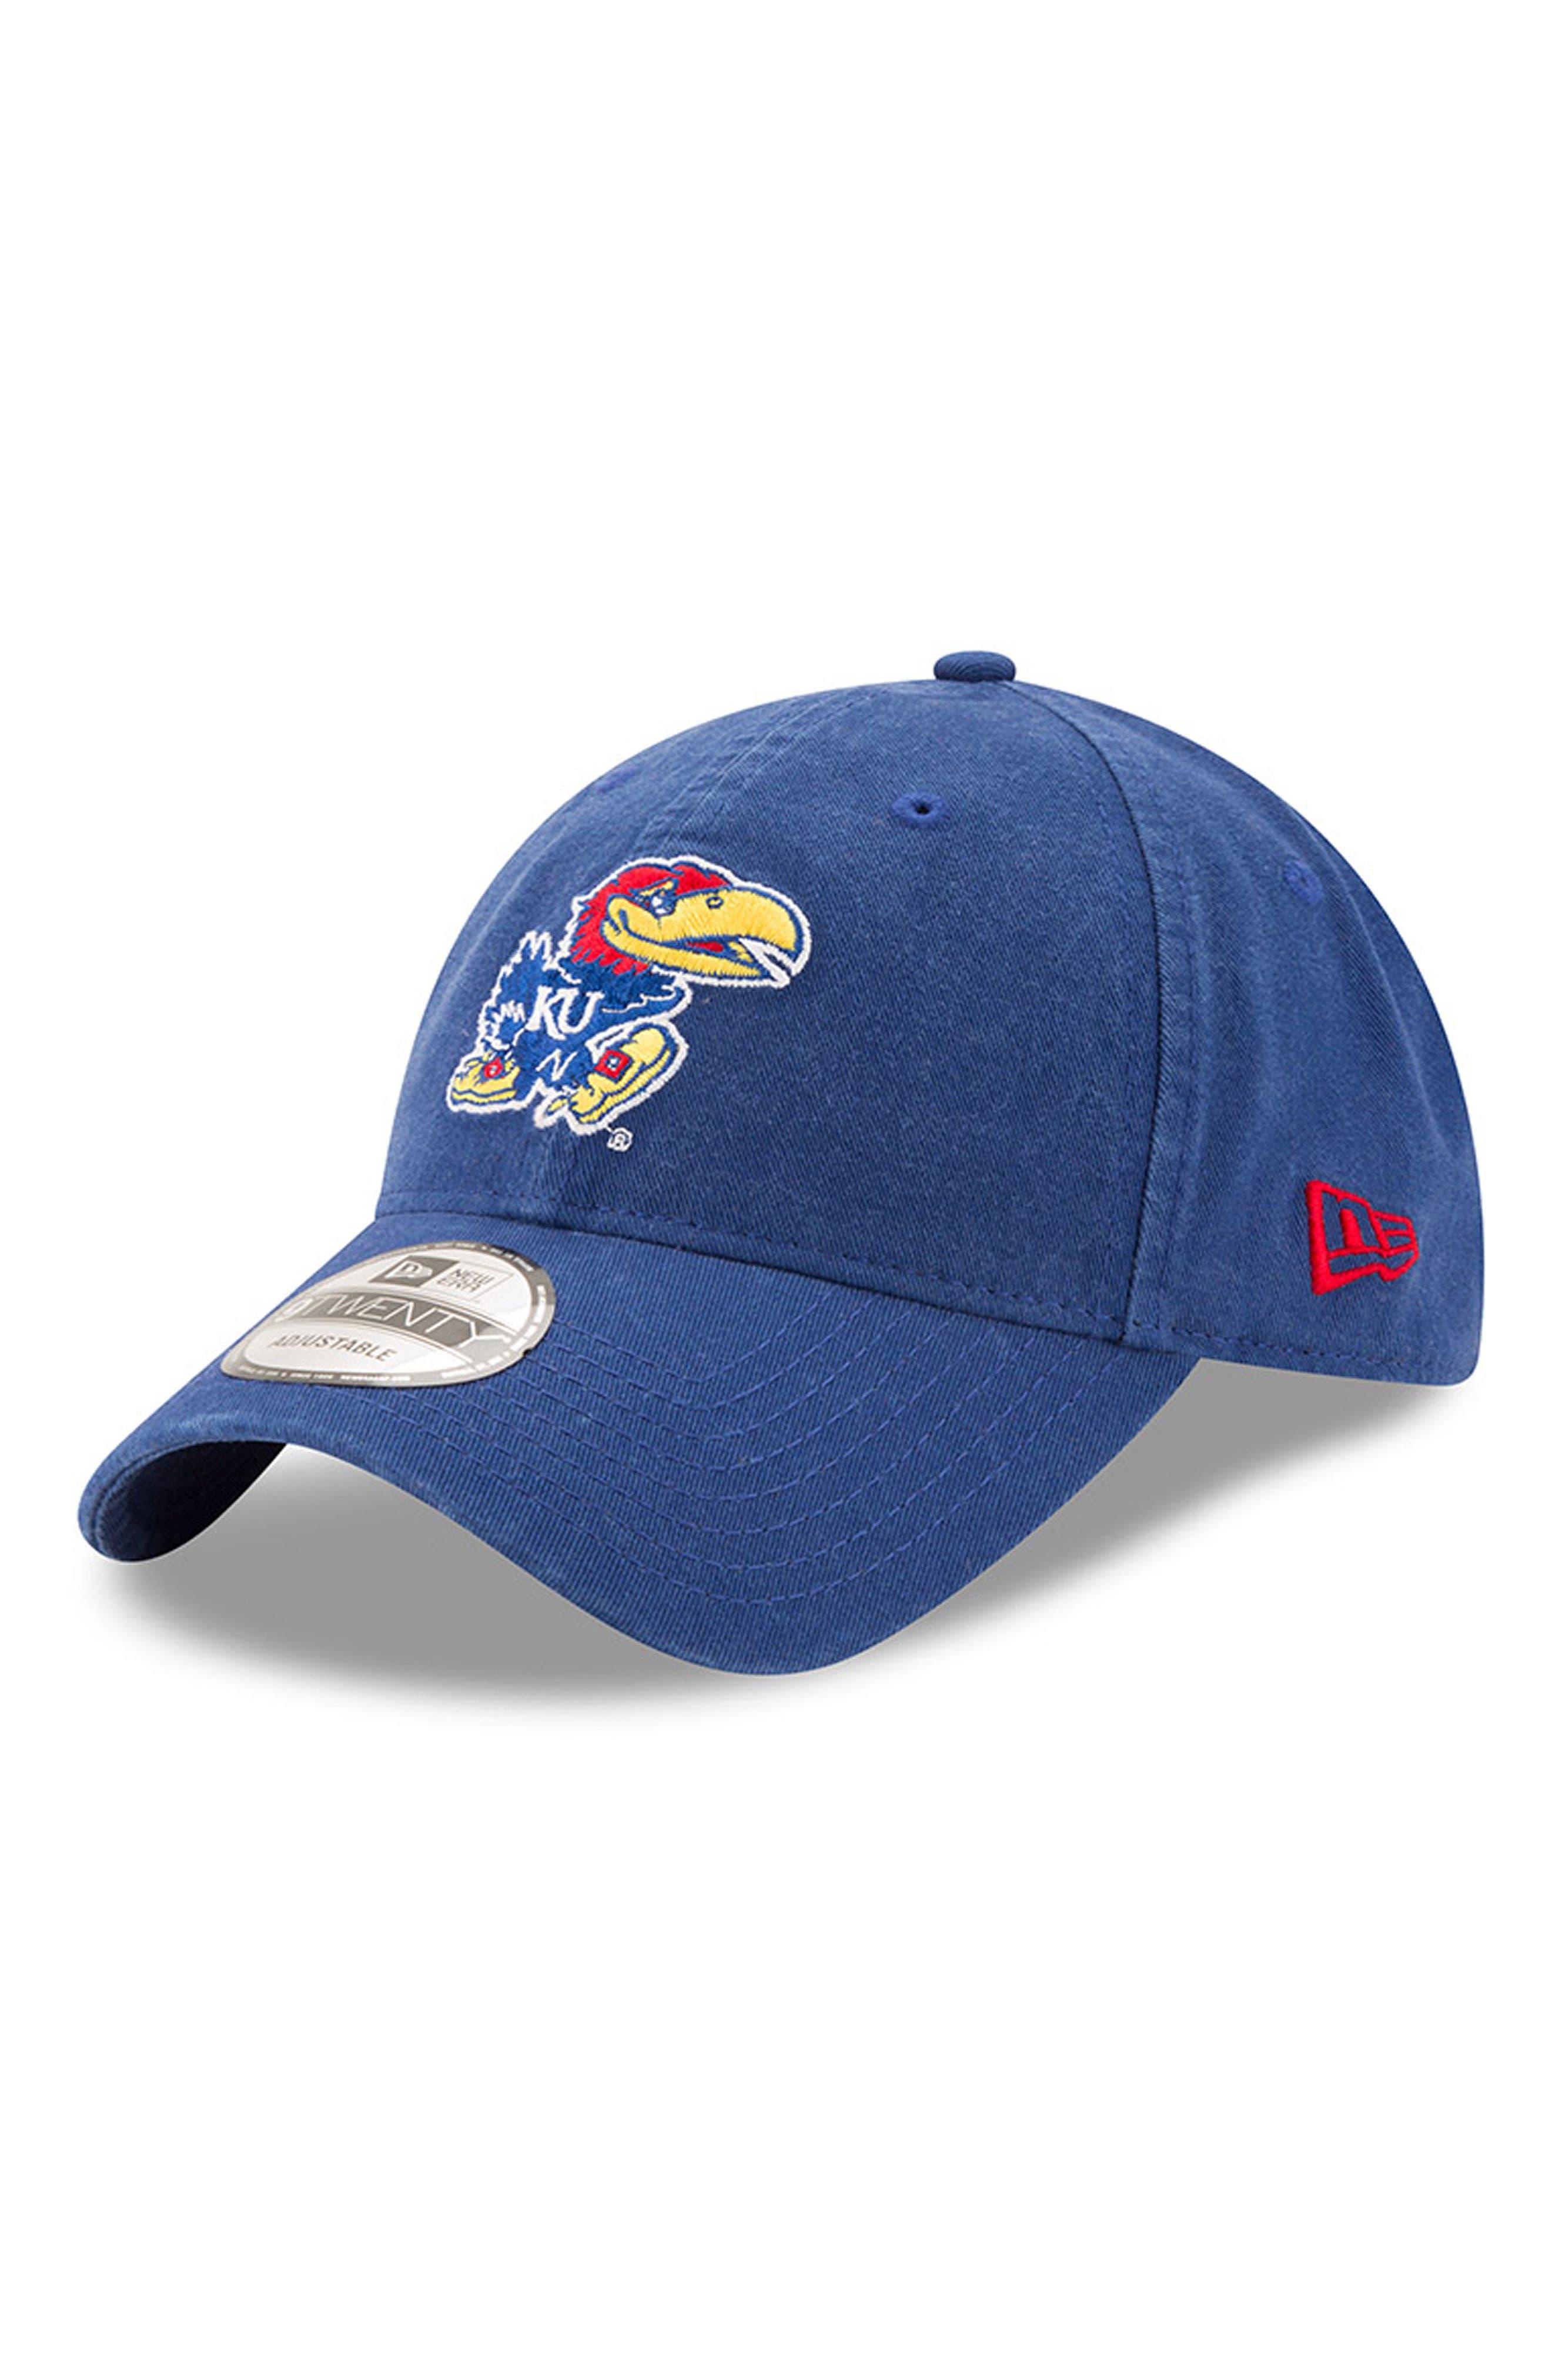 New Era Collegiate Core Classic - Kansas Jayhawks Baseball Cap,                             Main thumbnail 1, color,                             400